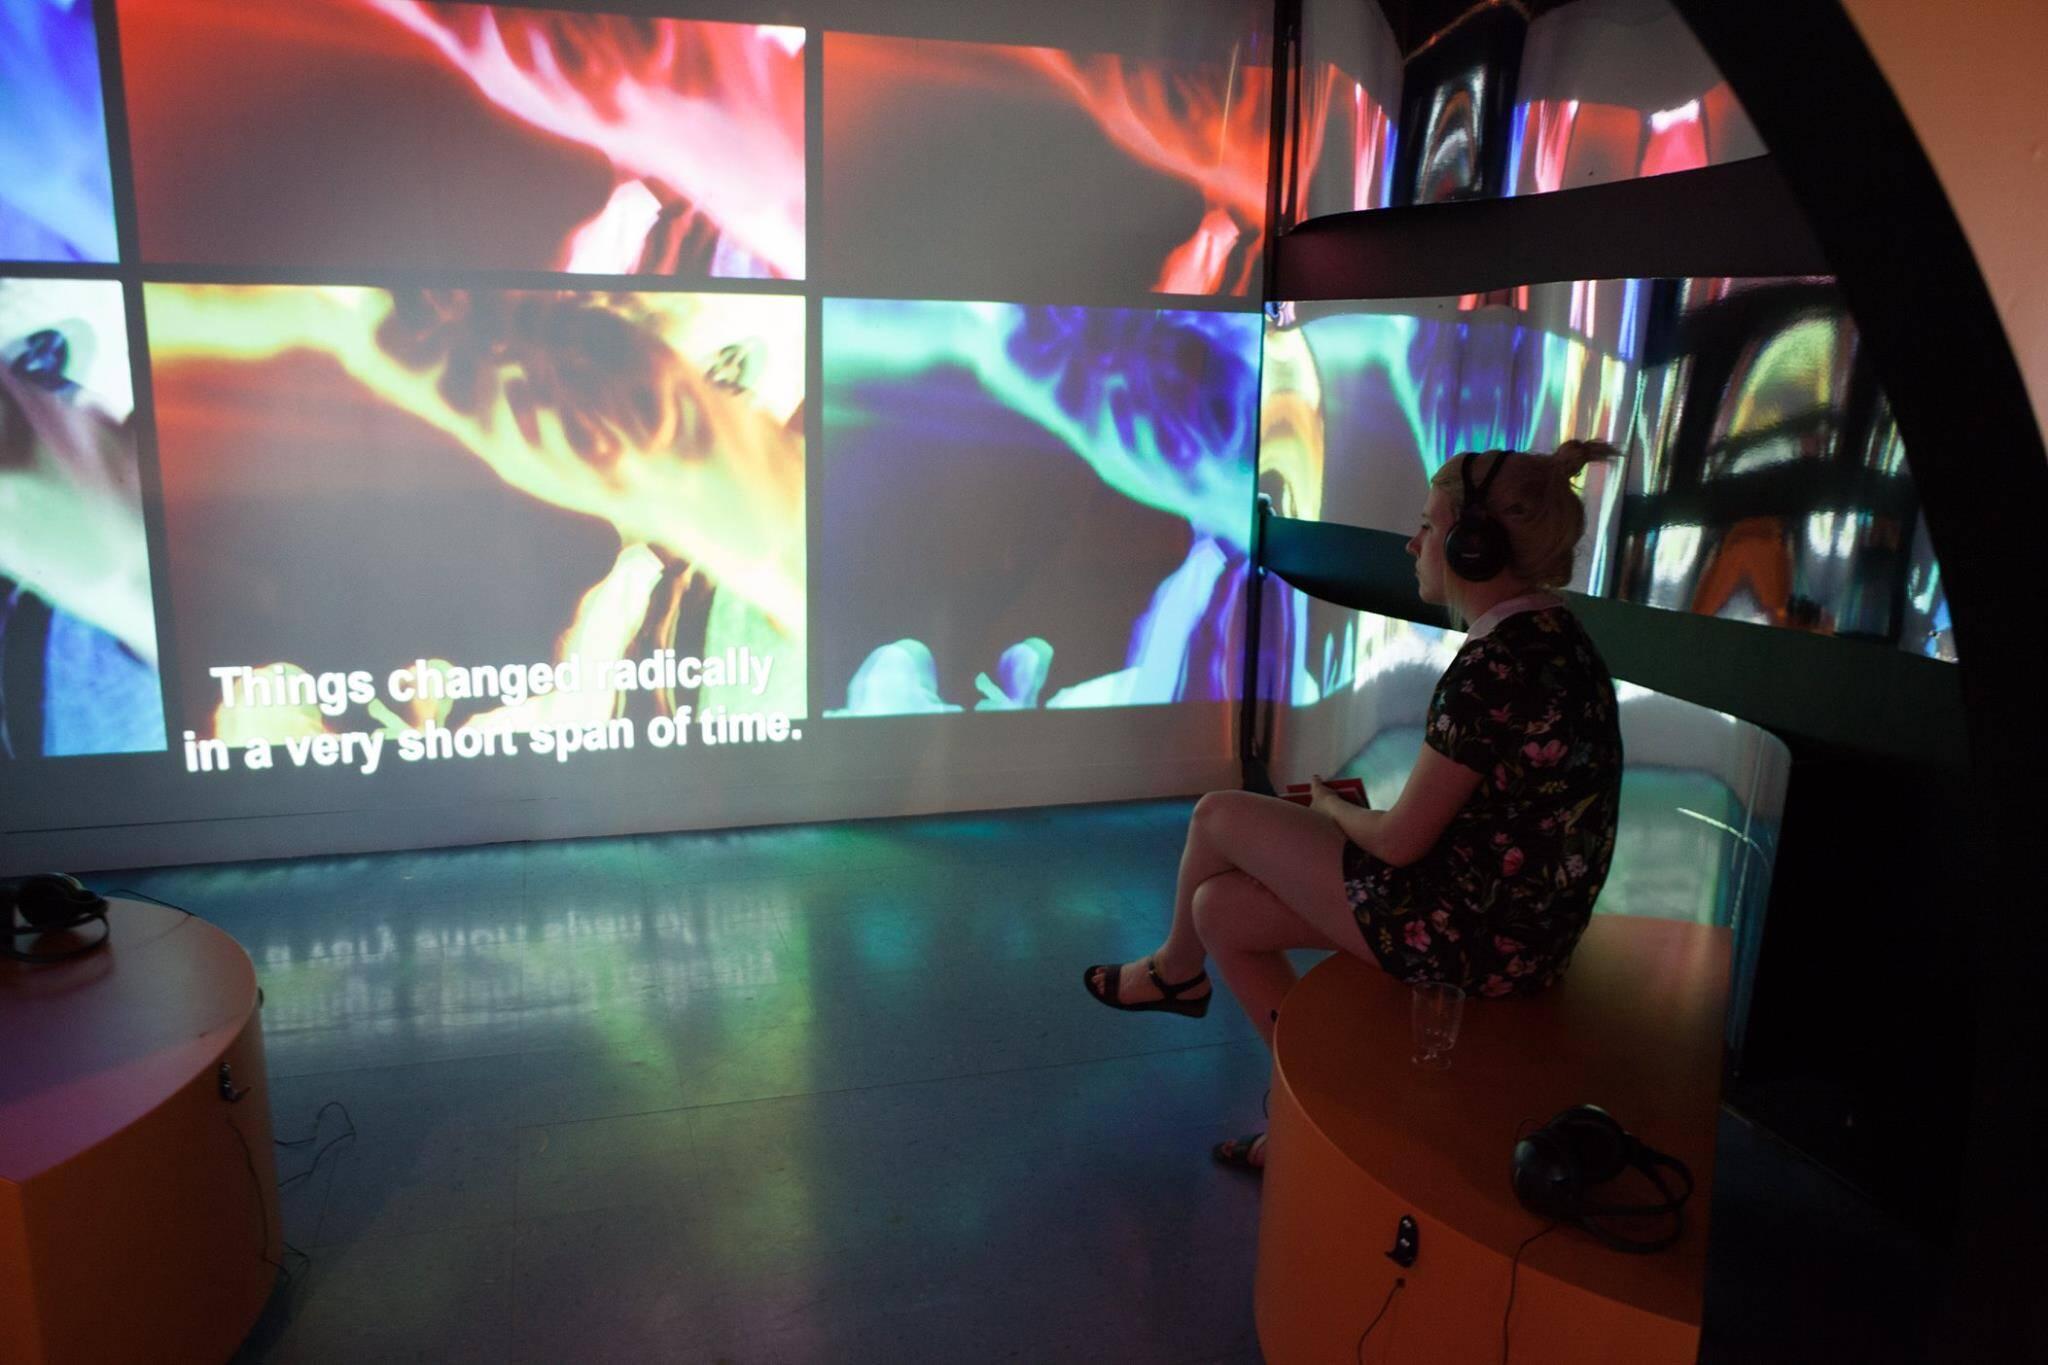 Une femme est assise dans une salle immersive et regarde des projection d'images sur un mur